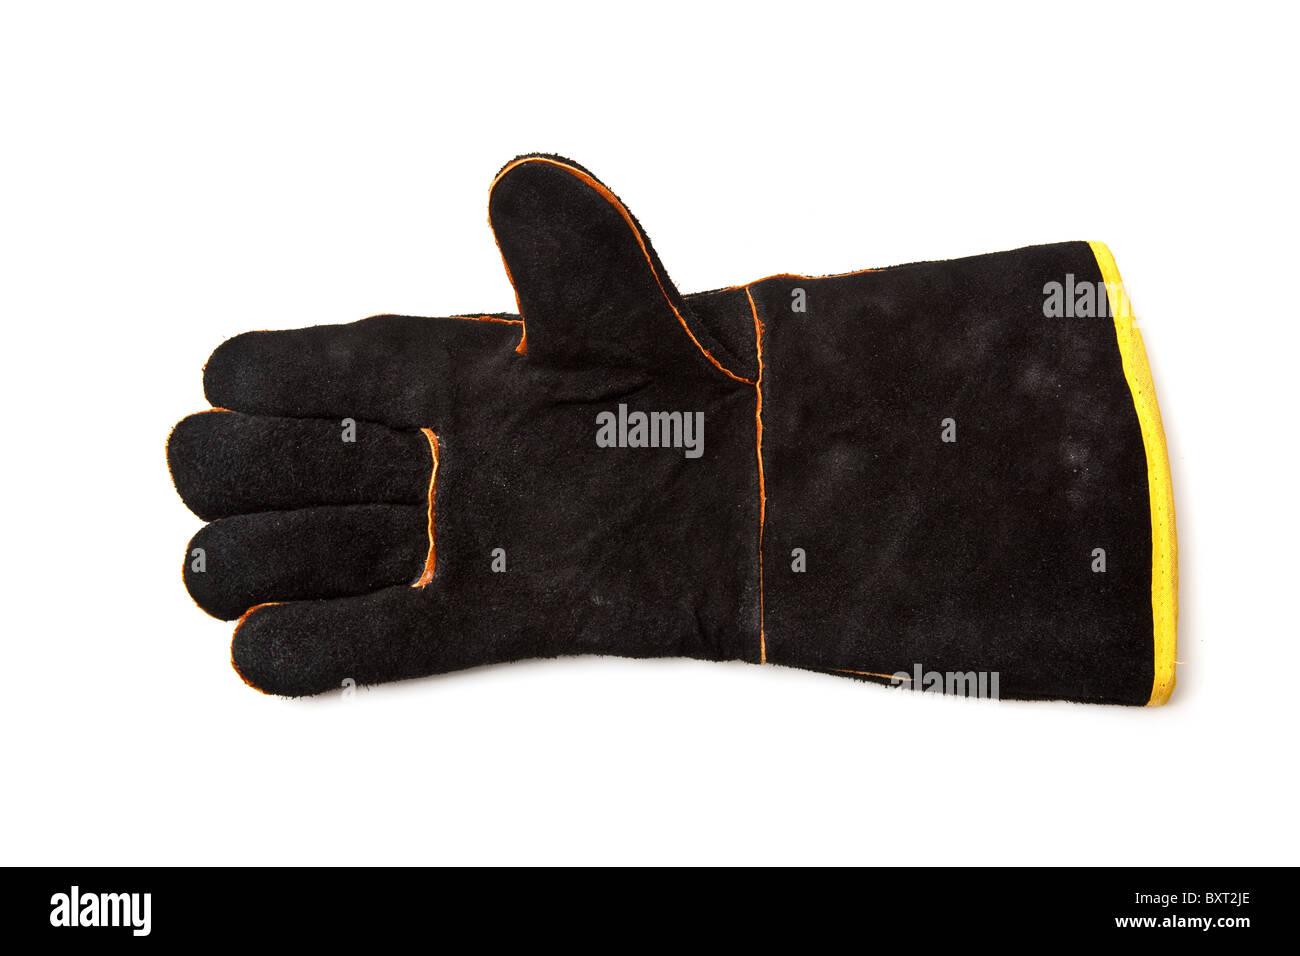 Schwarze Wildleder Lederhandschuhe oder Stulpen isoliert auf einem weißen Studio-Hintergrund. Stockbild